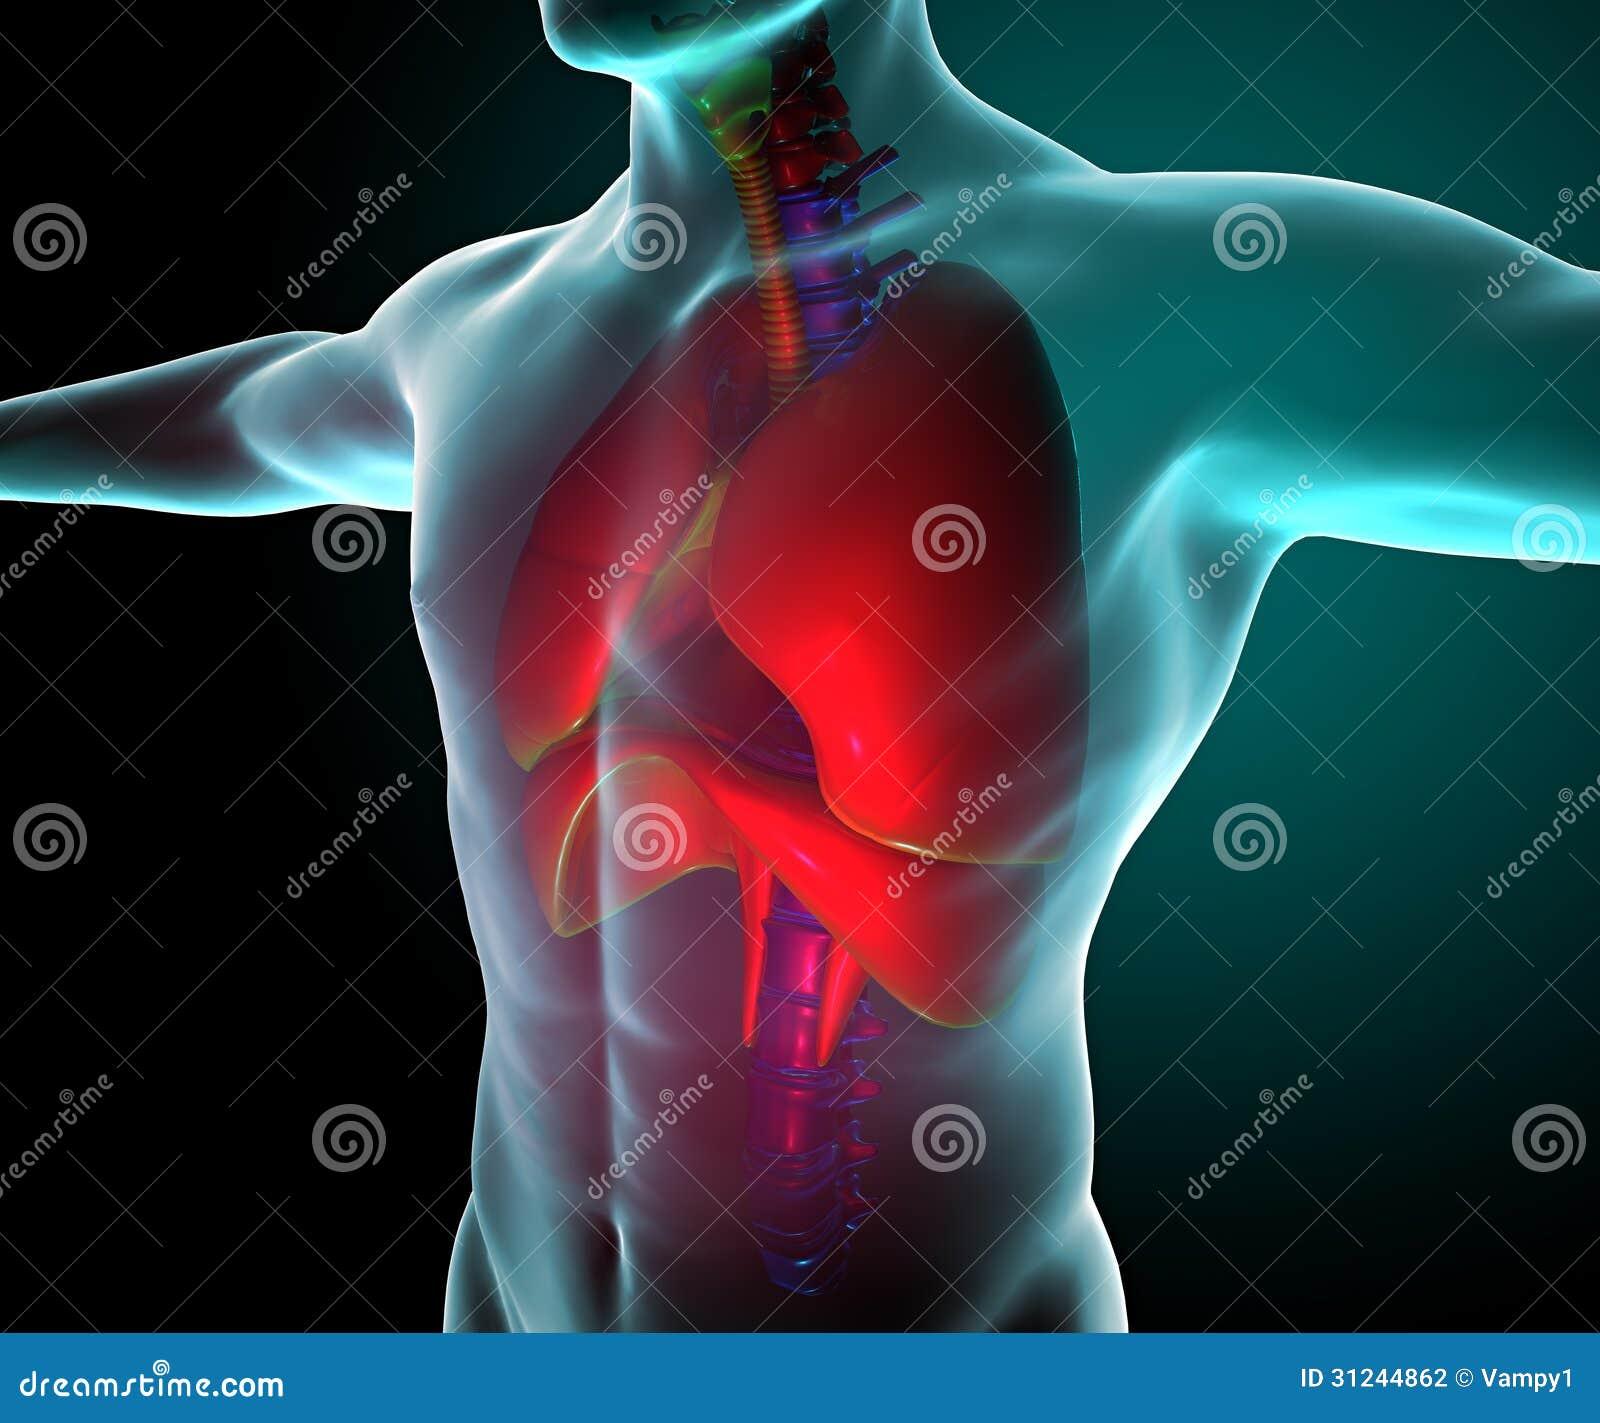 Pulmões vistos em raios X